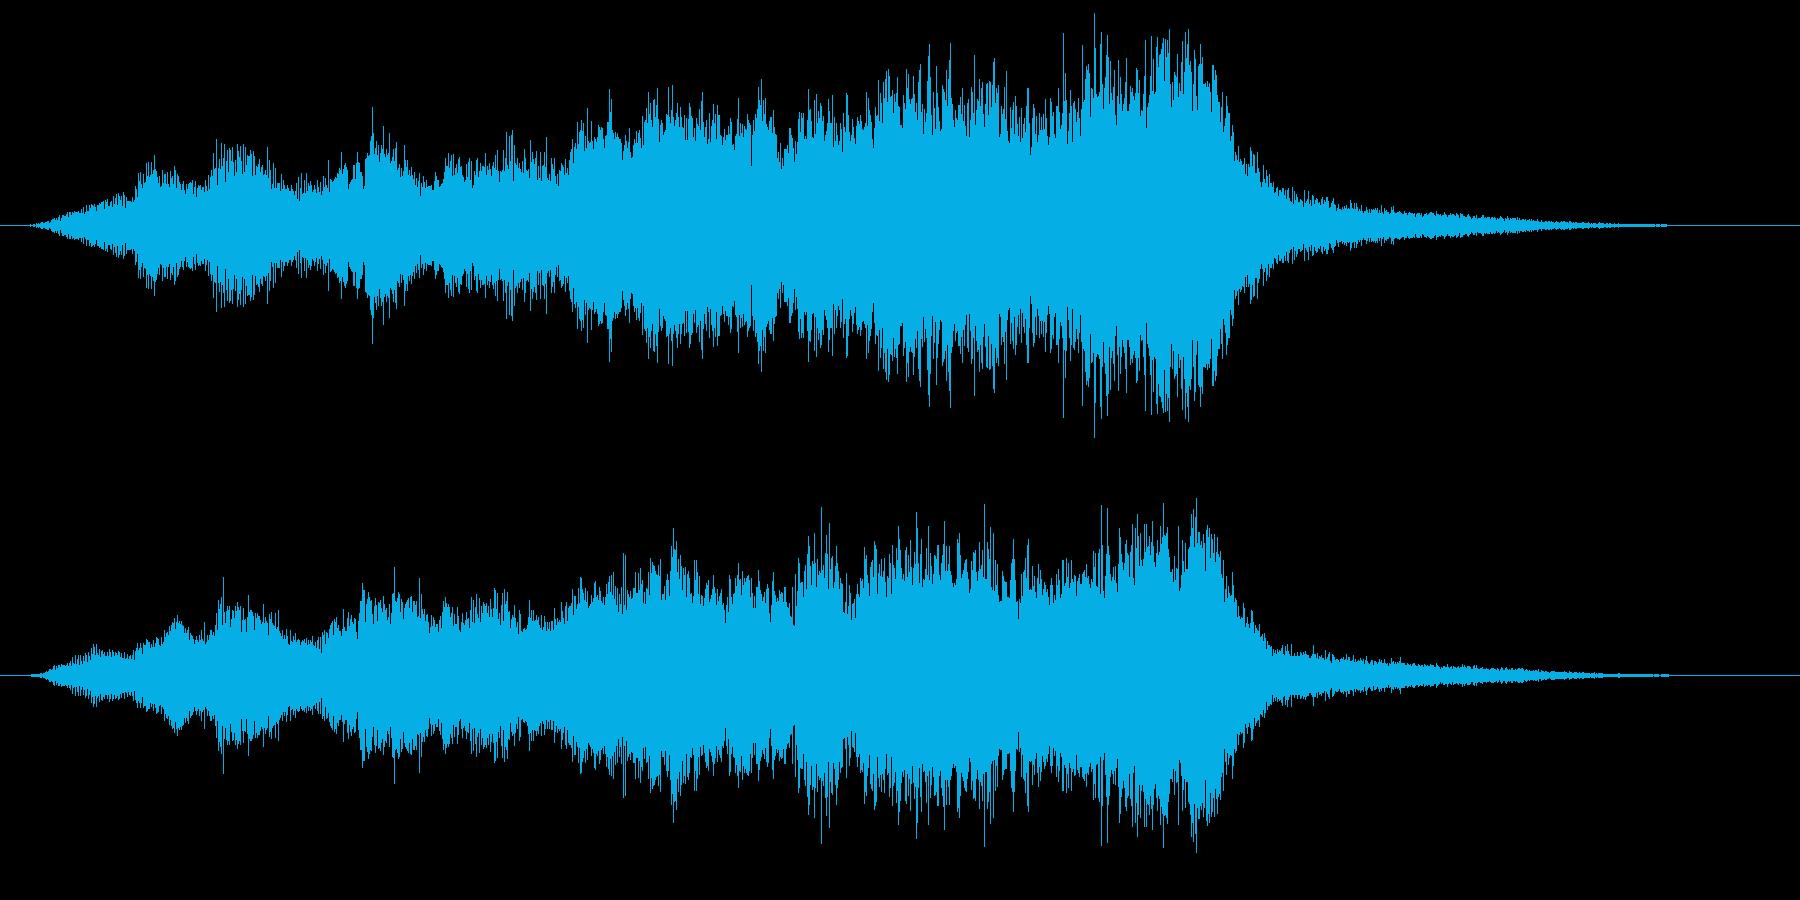 ストリングスとハープの癒しのサウンドロゴの再生済みの波形